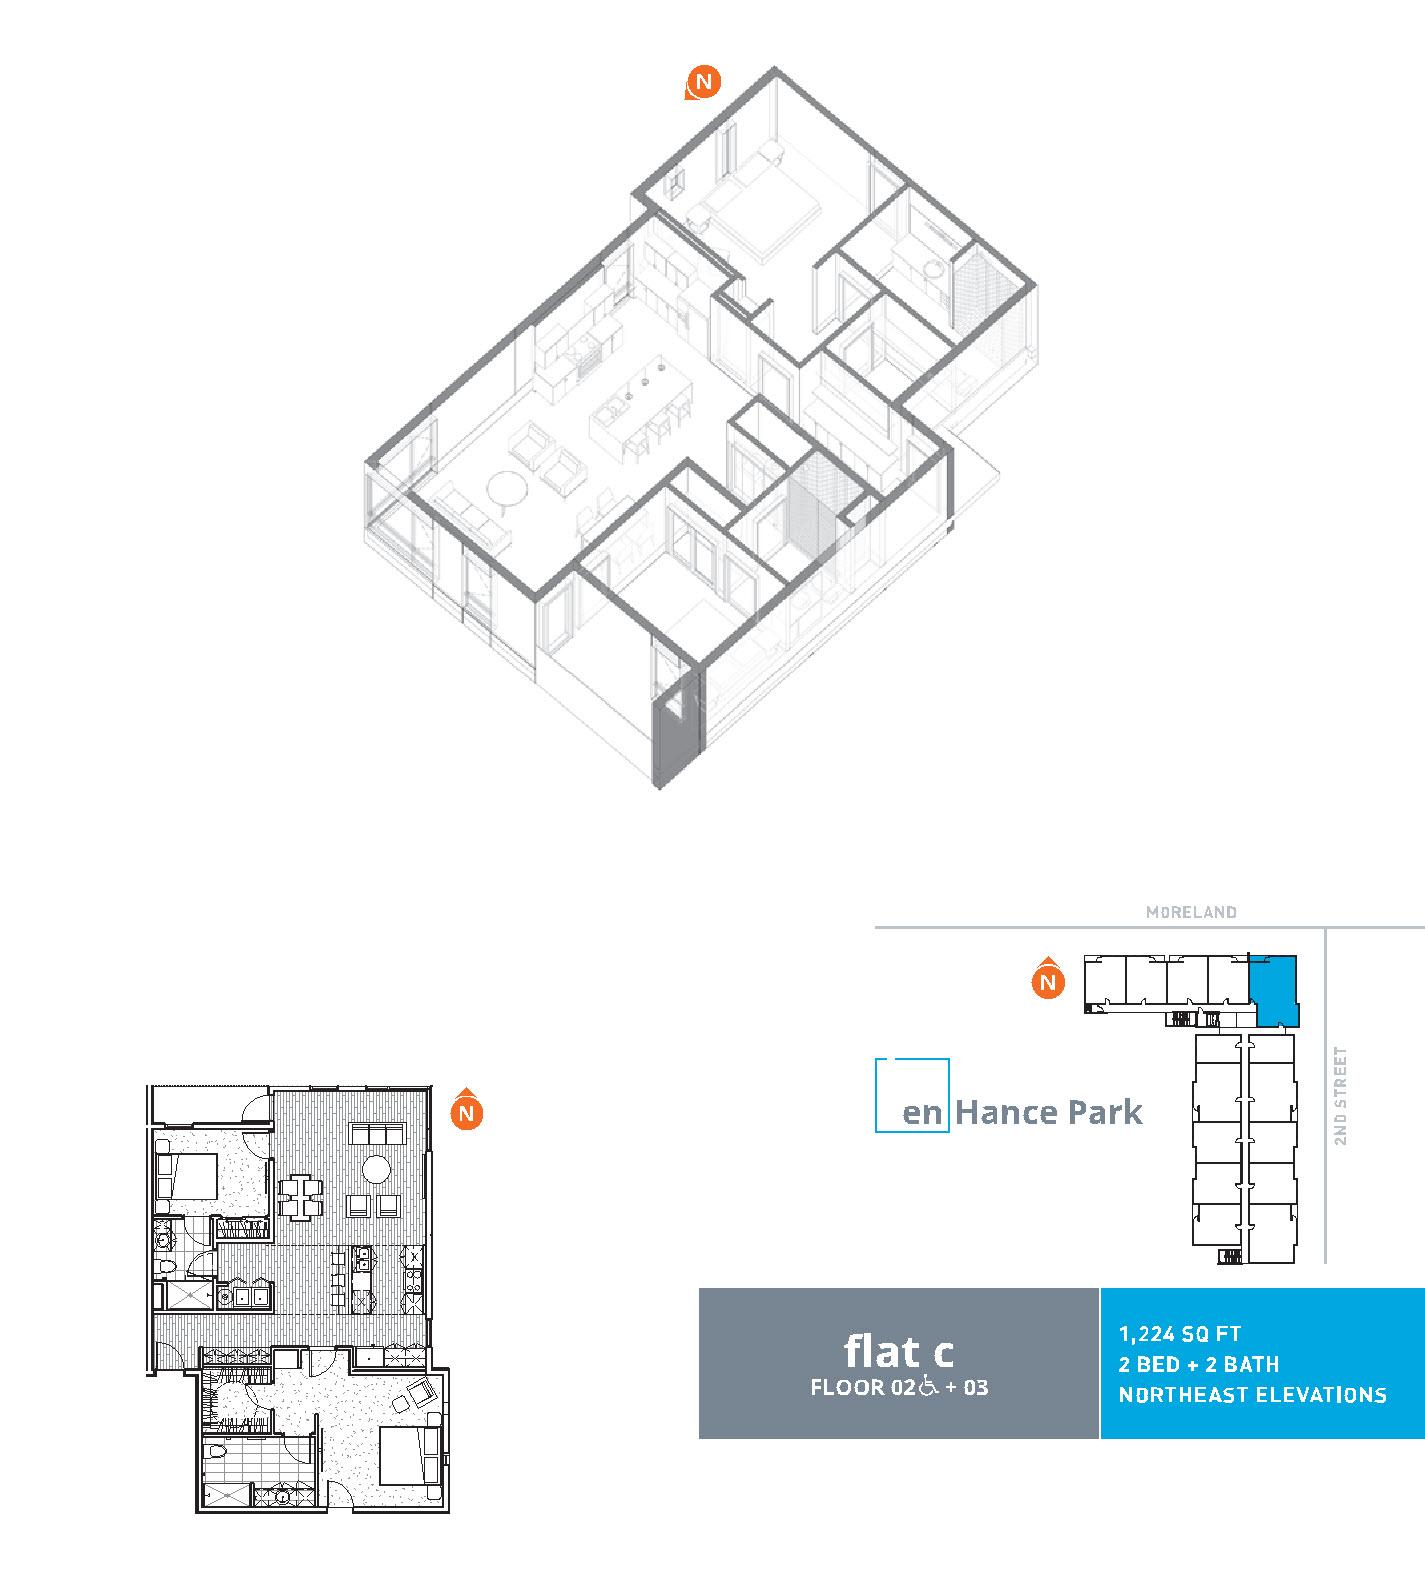 En hance park condo floor plan flat c 2bd